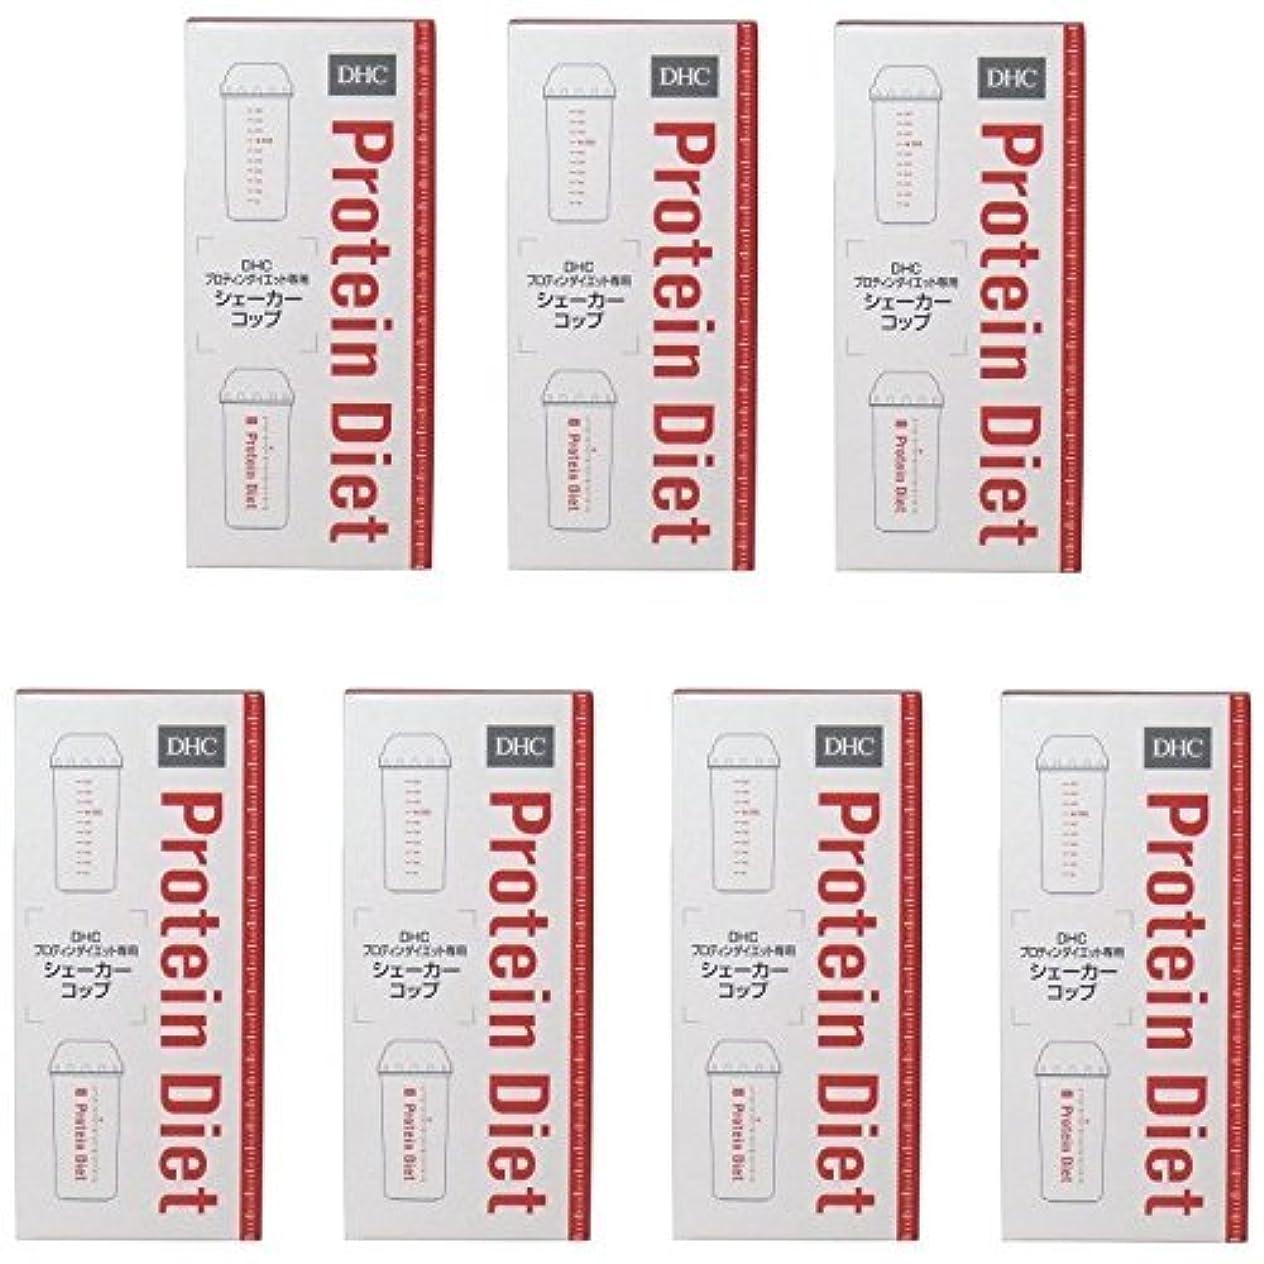 観点摩擦予備【まとめ買い】DHC プロティンダイエット専用シェーカーコップ 1個【×7セット】